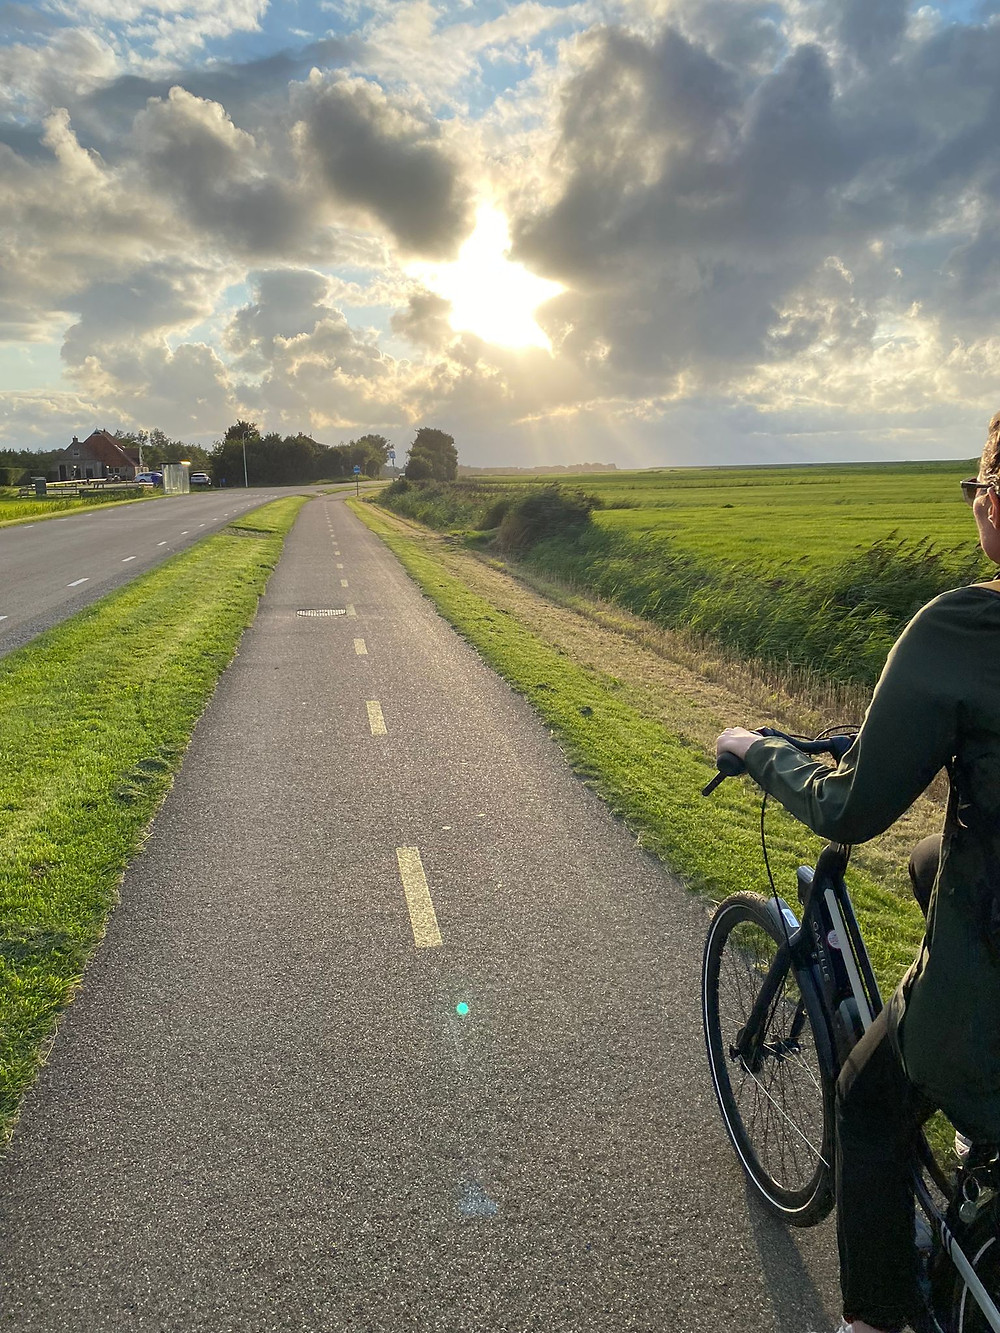 Lonnies Planet on bike from Haantjes Rijwielverhuur Terschelling